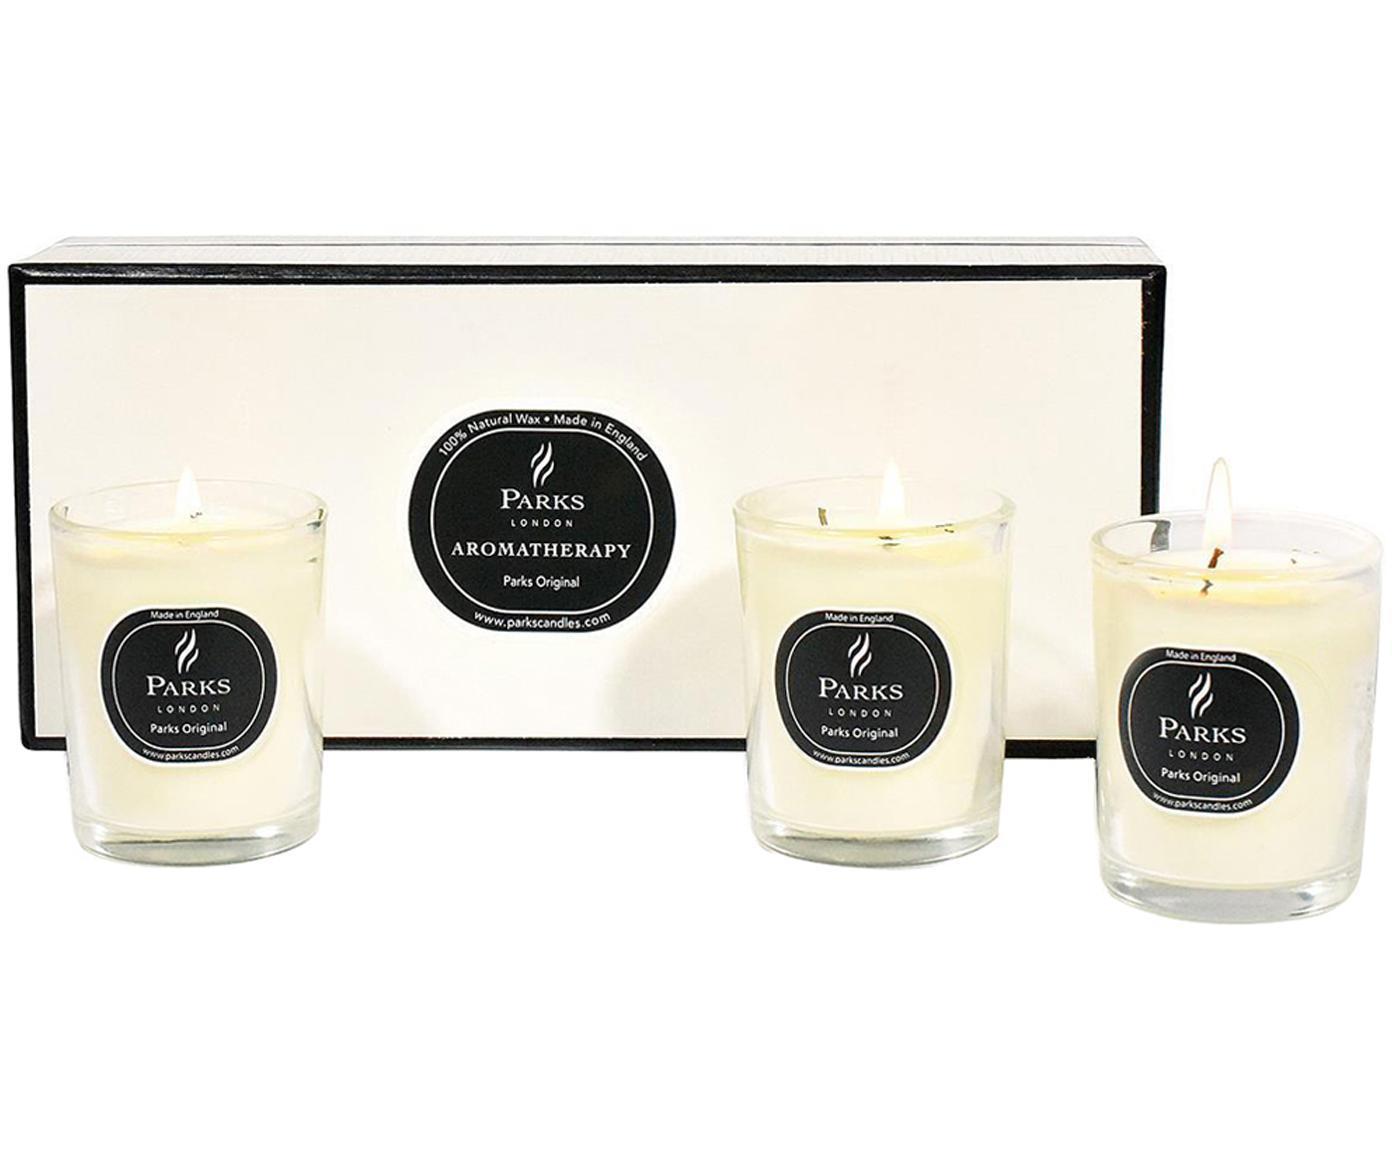 Velas perfumadas Parks Original (vainilla y cítricos), 3uds., Recipiente: cristal, Transparente, blanco, negro, Ø 5 x Al 5 cm